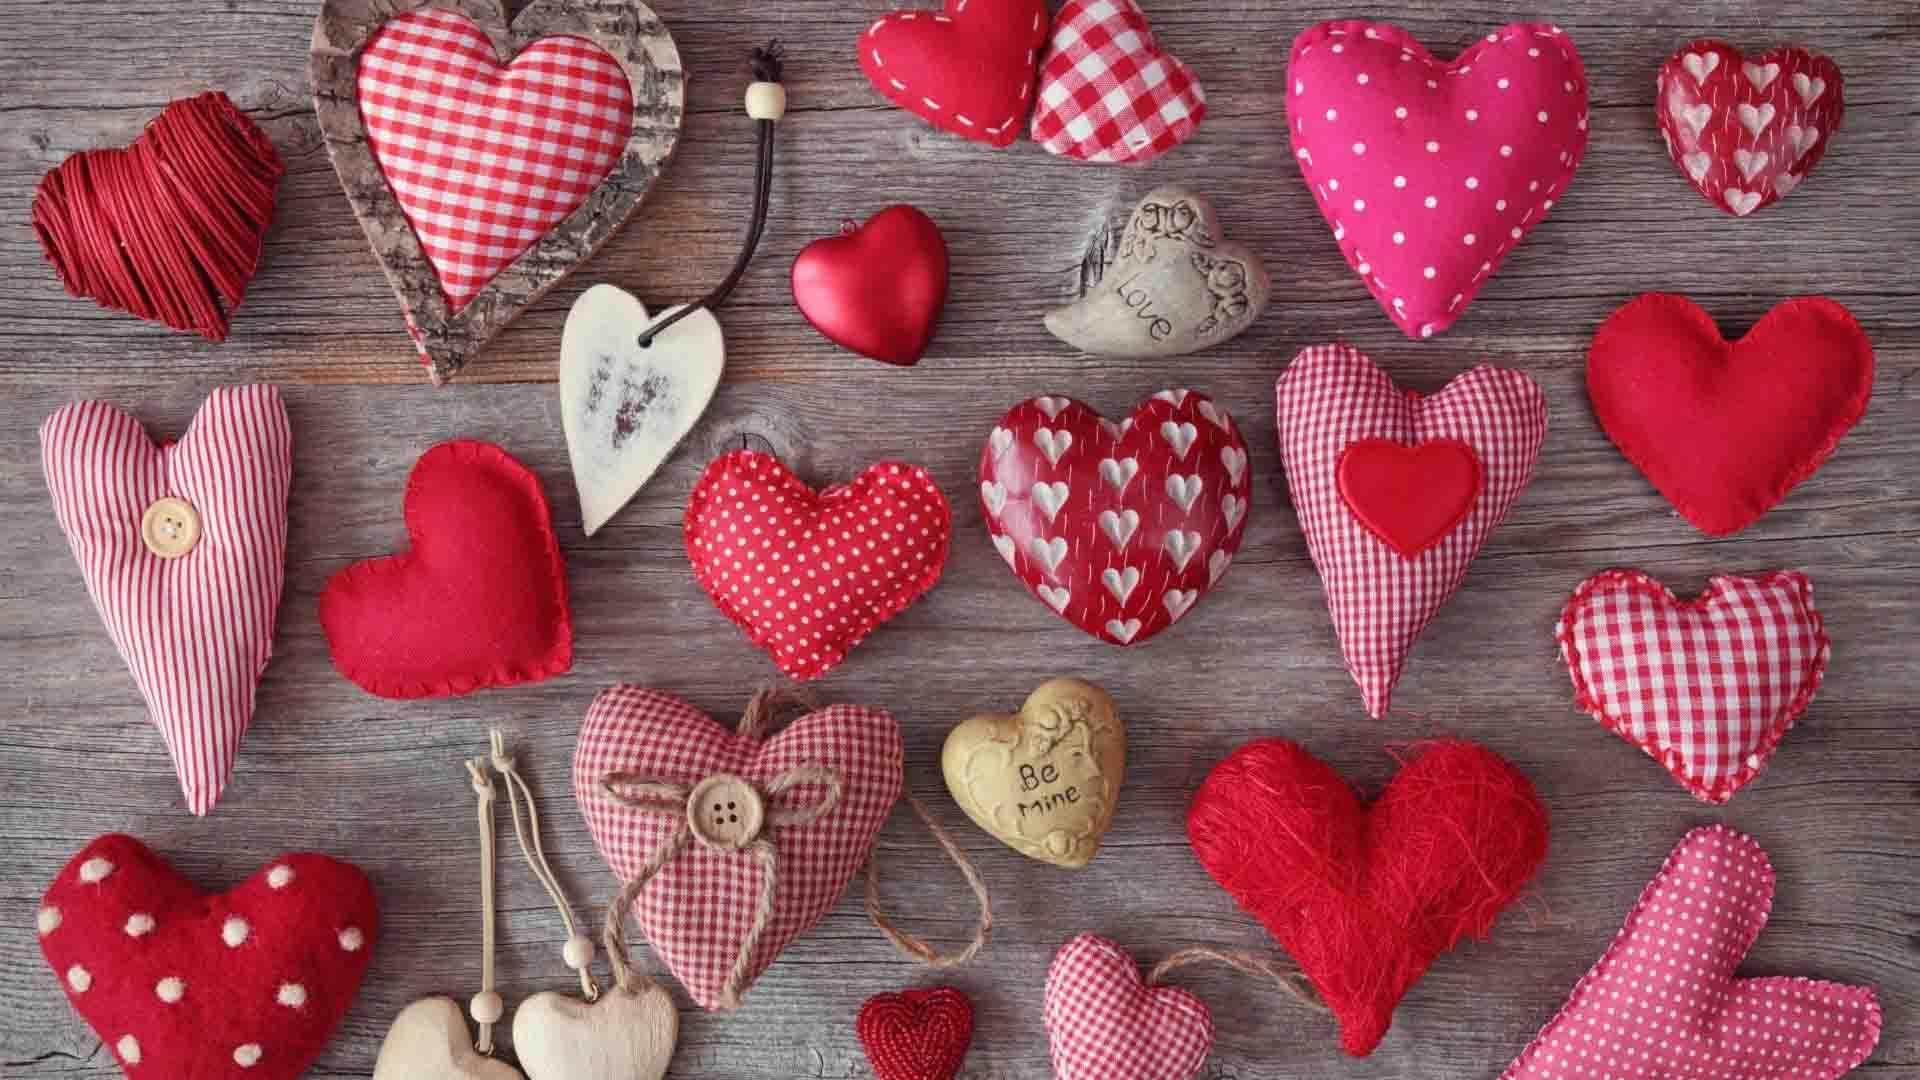 Hình ảnh trái tim dễ thương